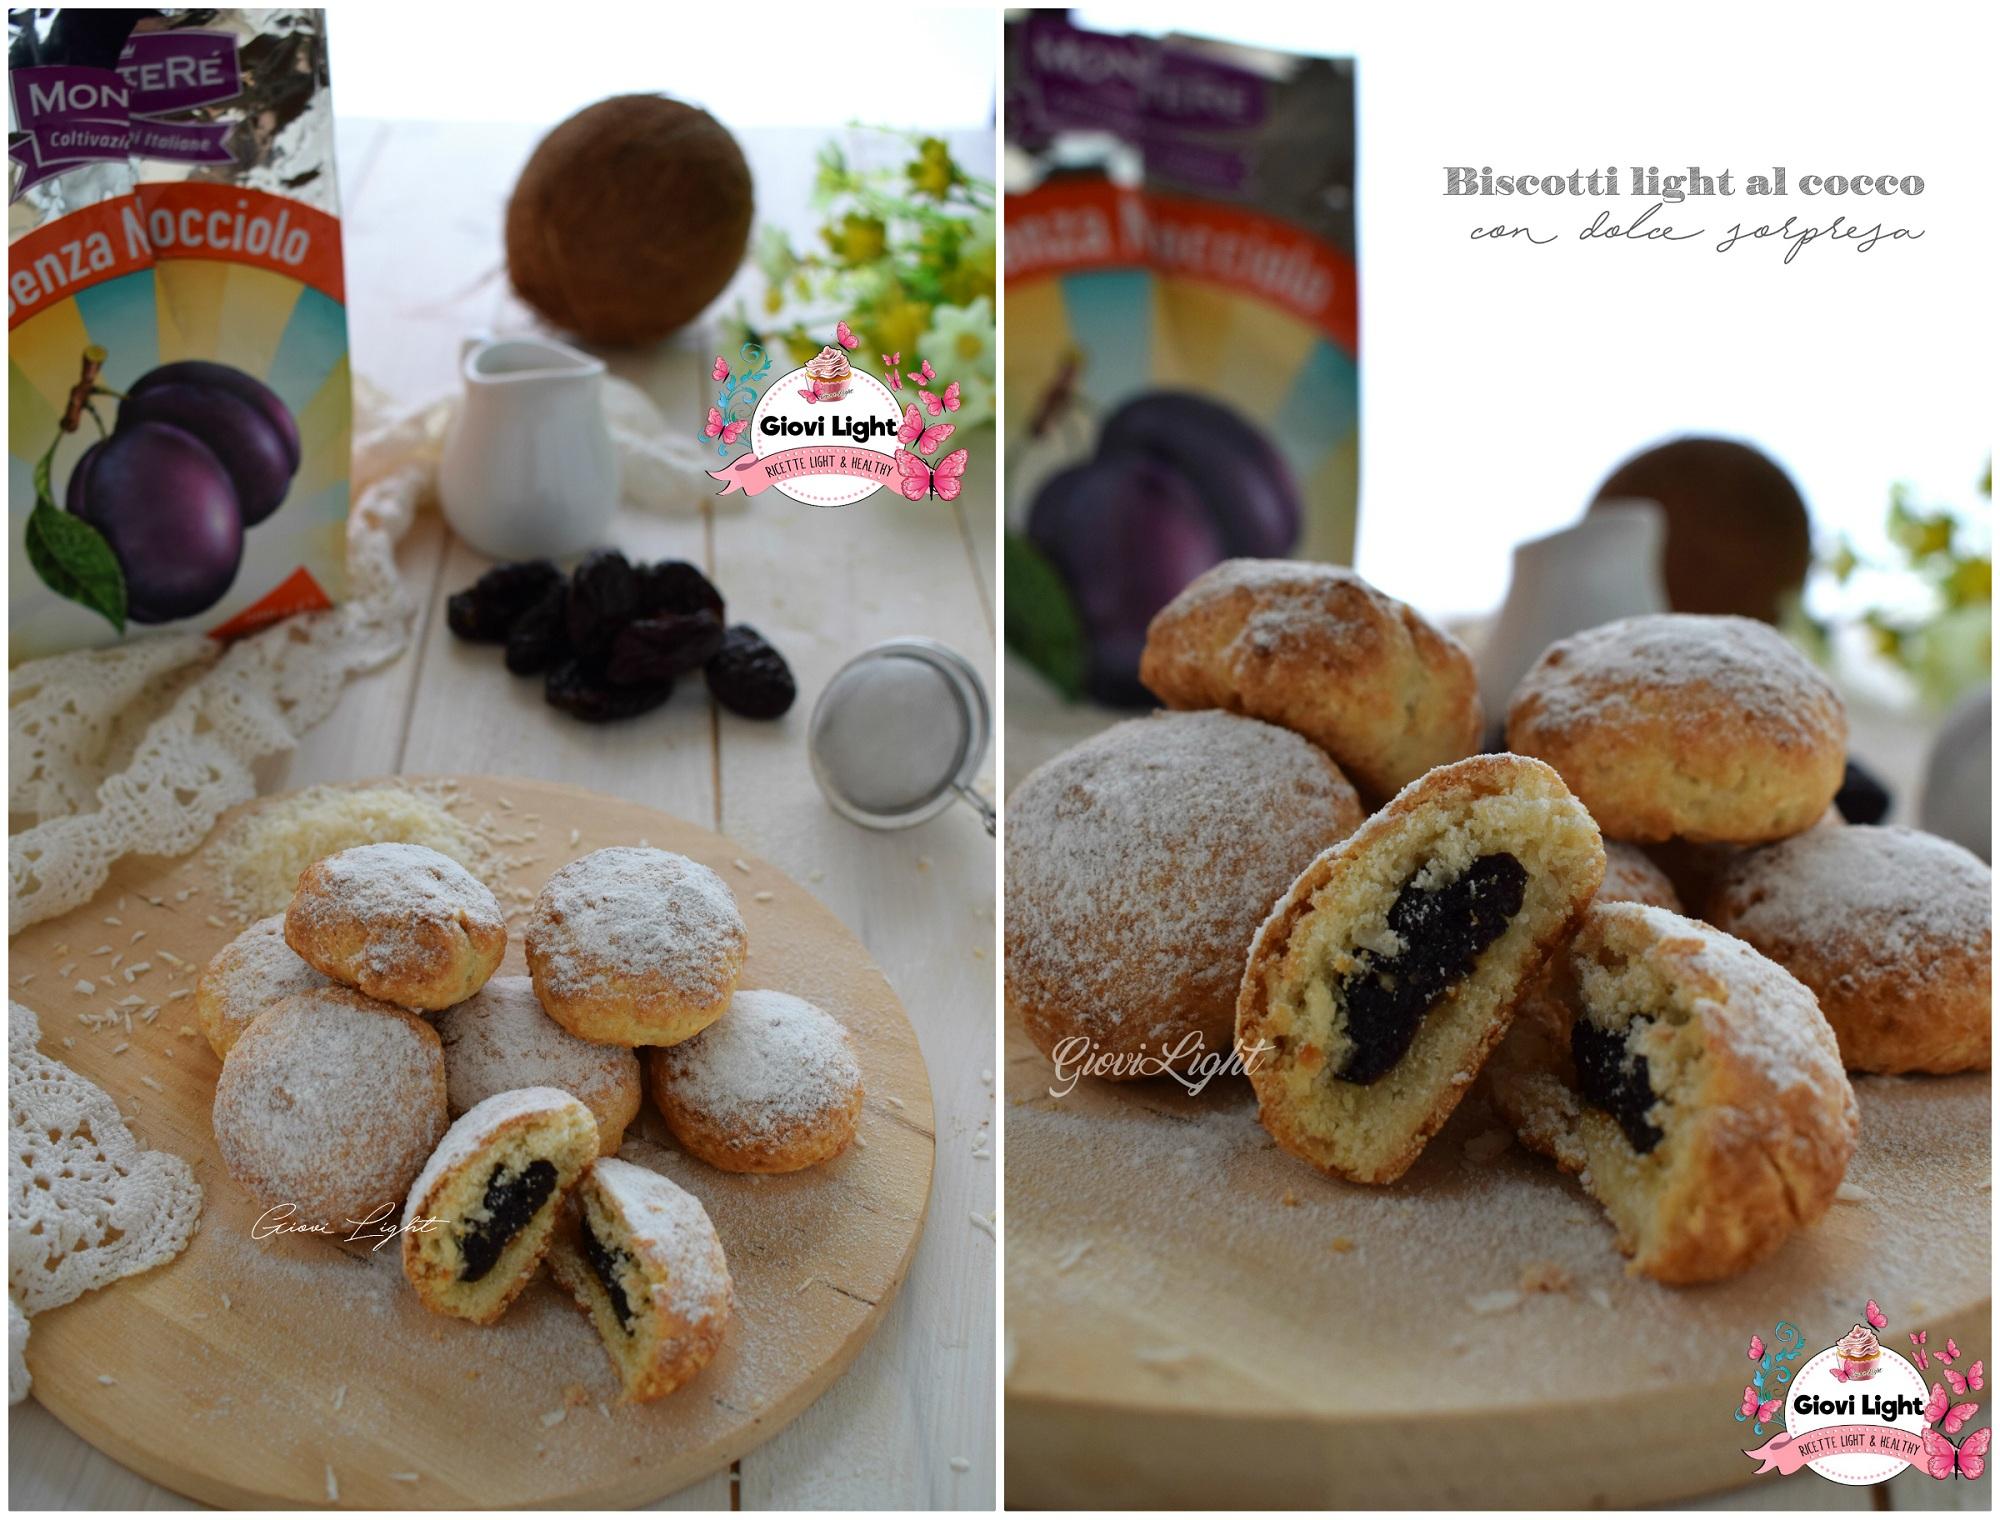 Biscotti light al cocco con dolce sorpresa